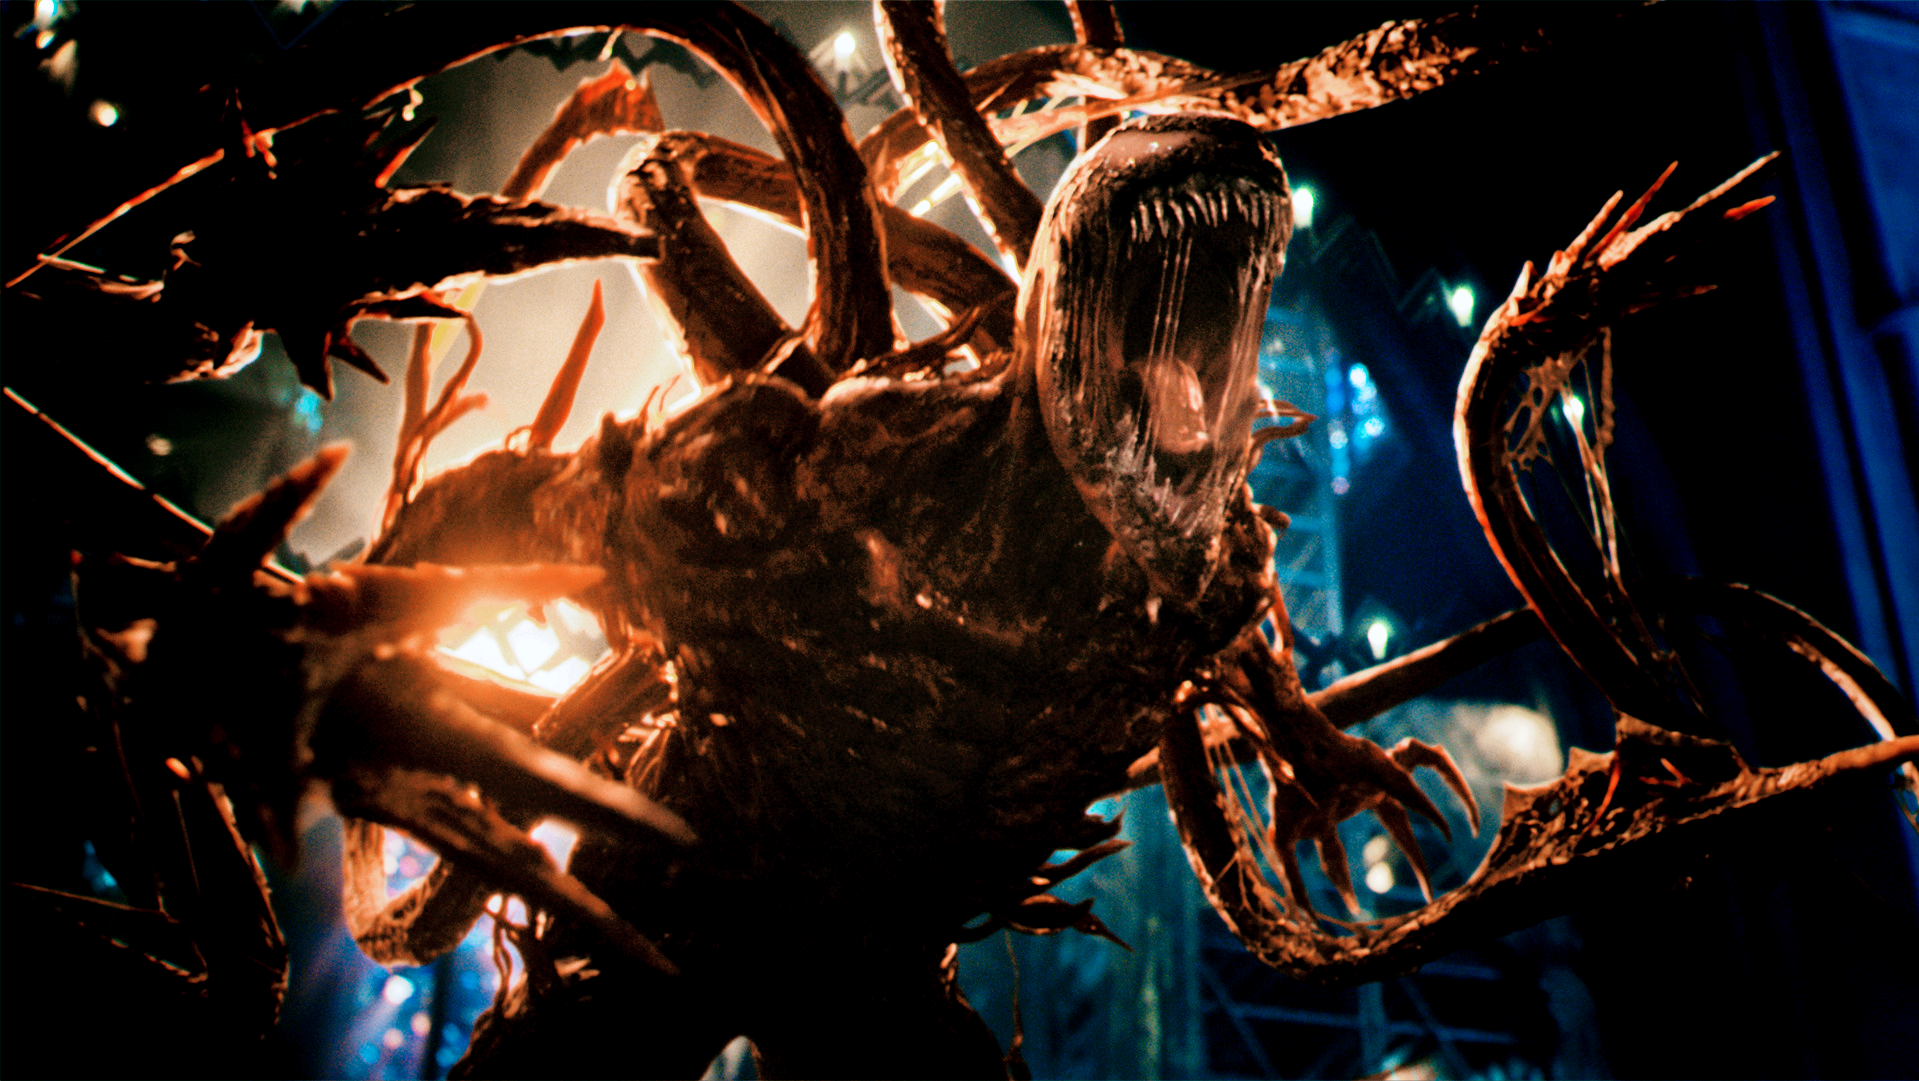 漫威《毒液2》定檔,最強反派登場,影迷:希望毒液不再被吊打!